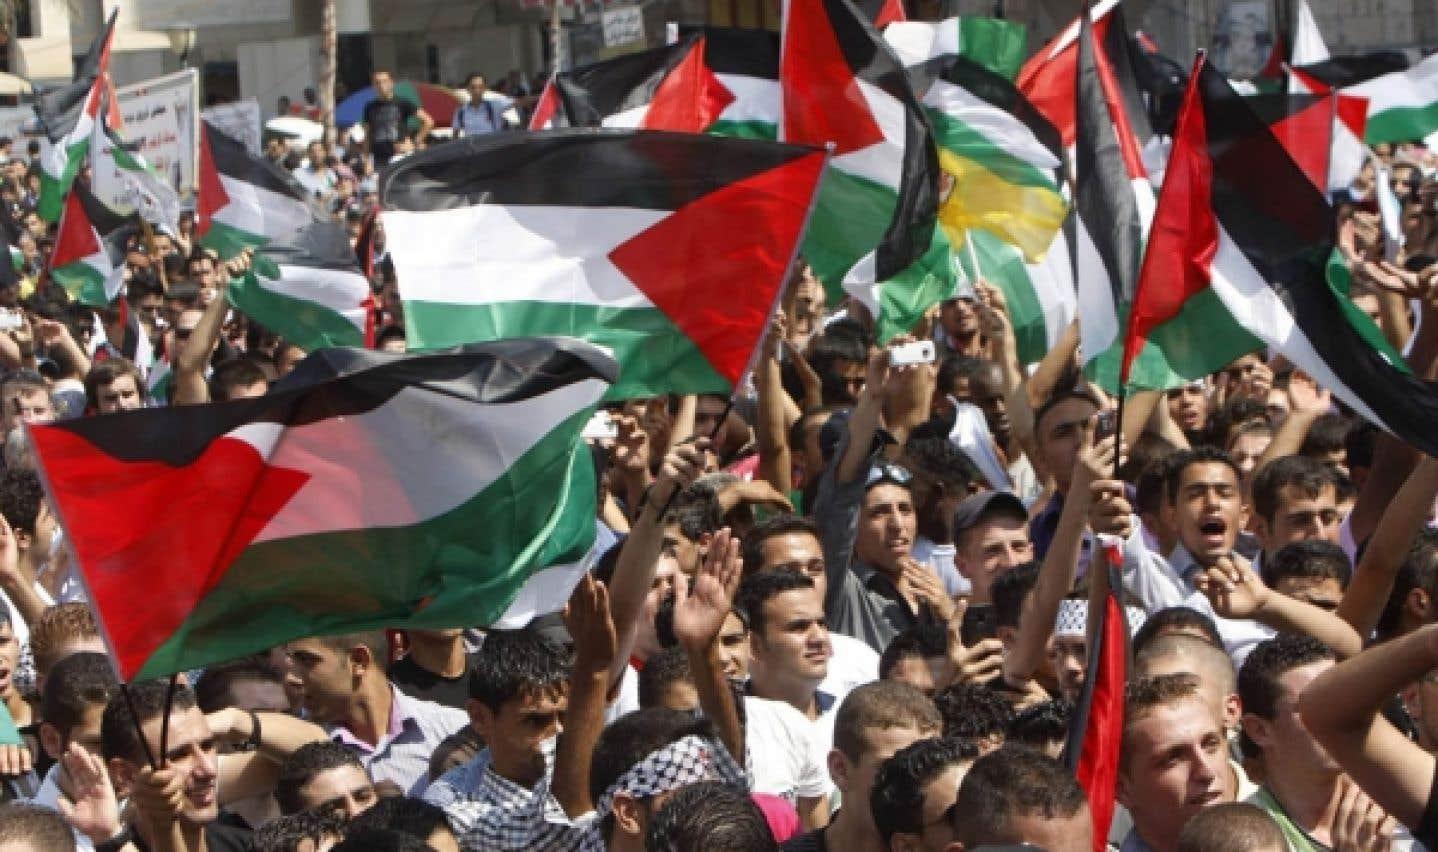 Assemblée générale de l'ONU - La Palestine sur toutes les lèvres